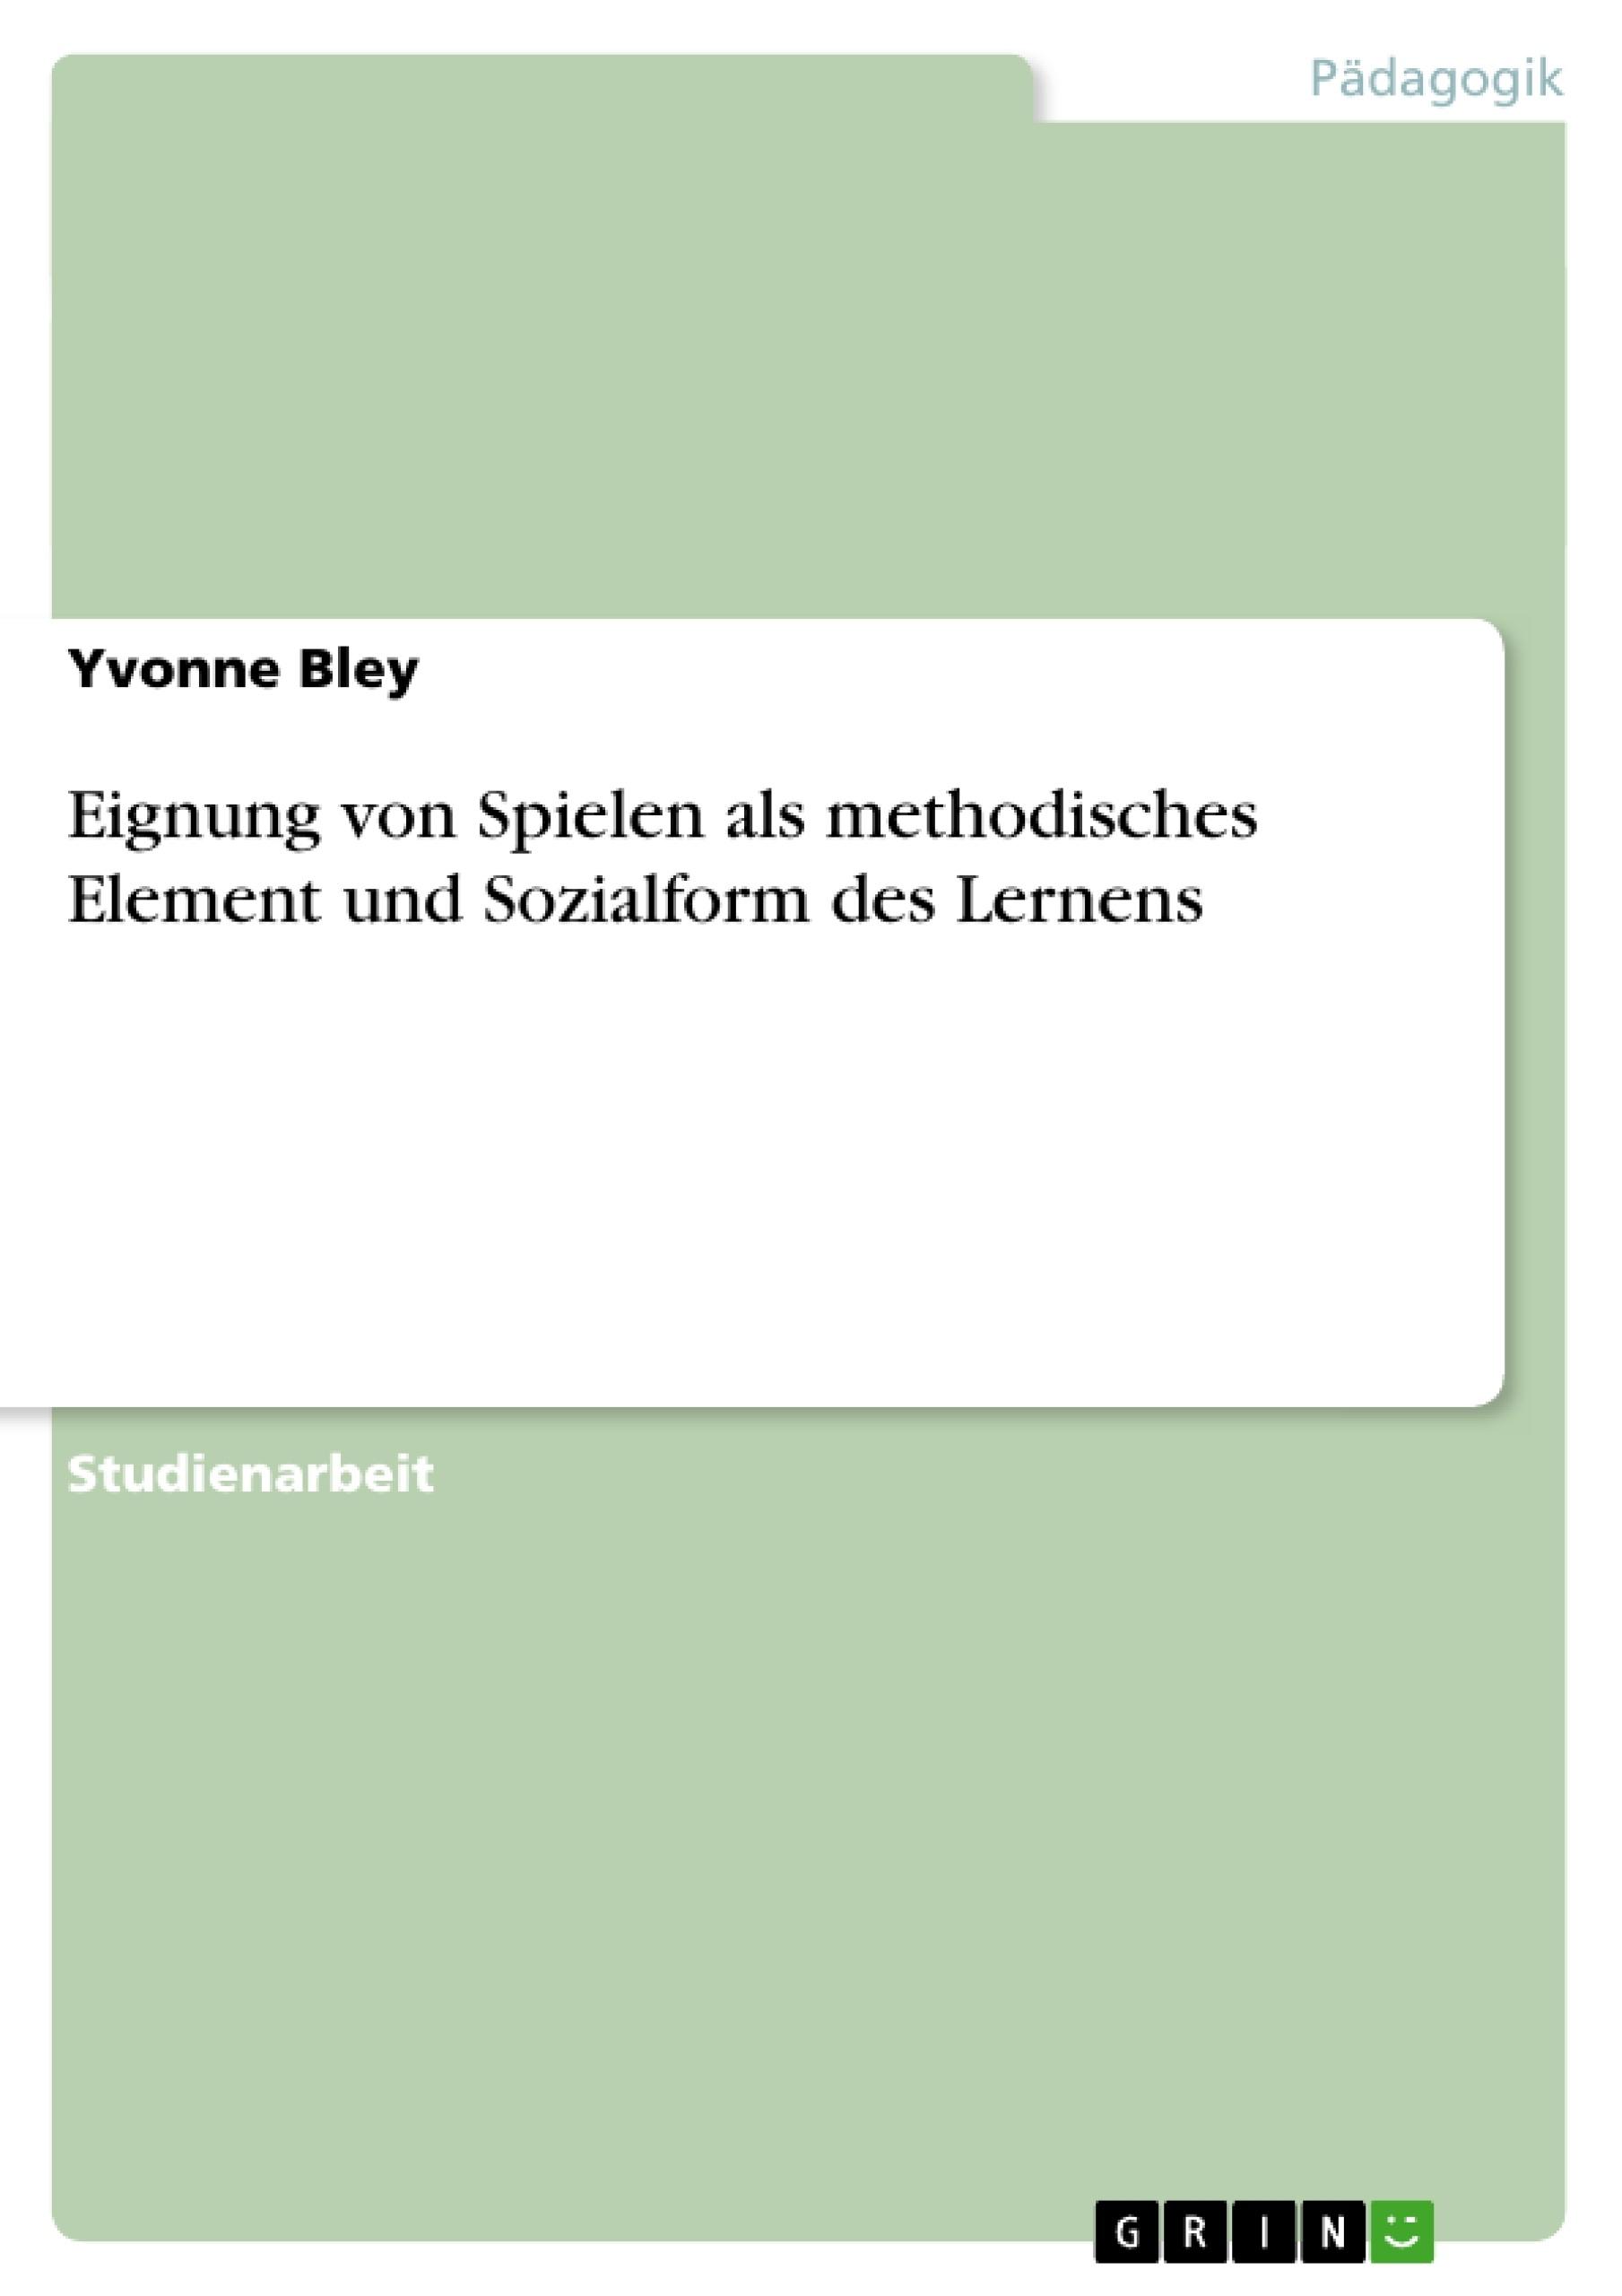 Titel: Eignung von Spielen als methodisches Element und Sozialform des Lernens